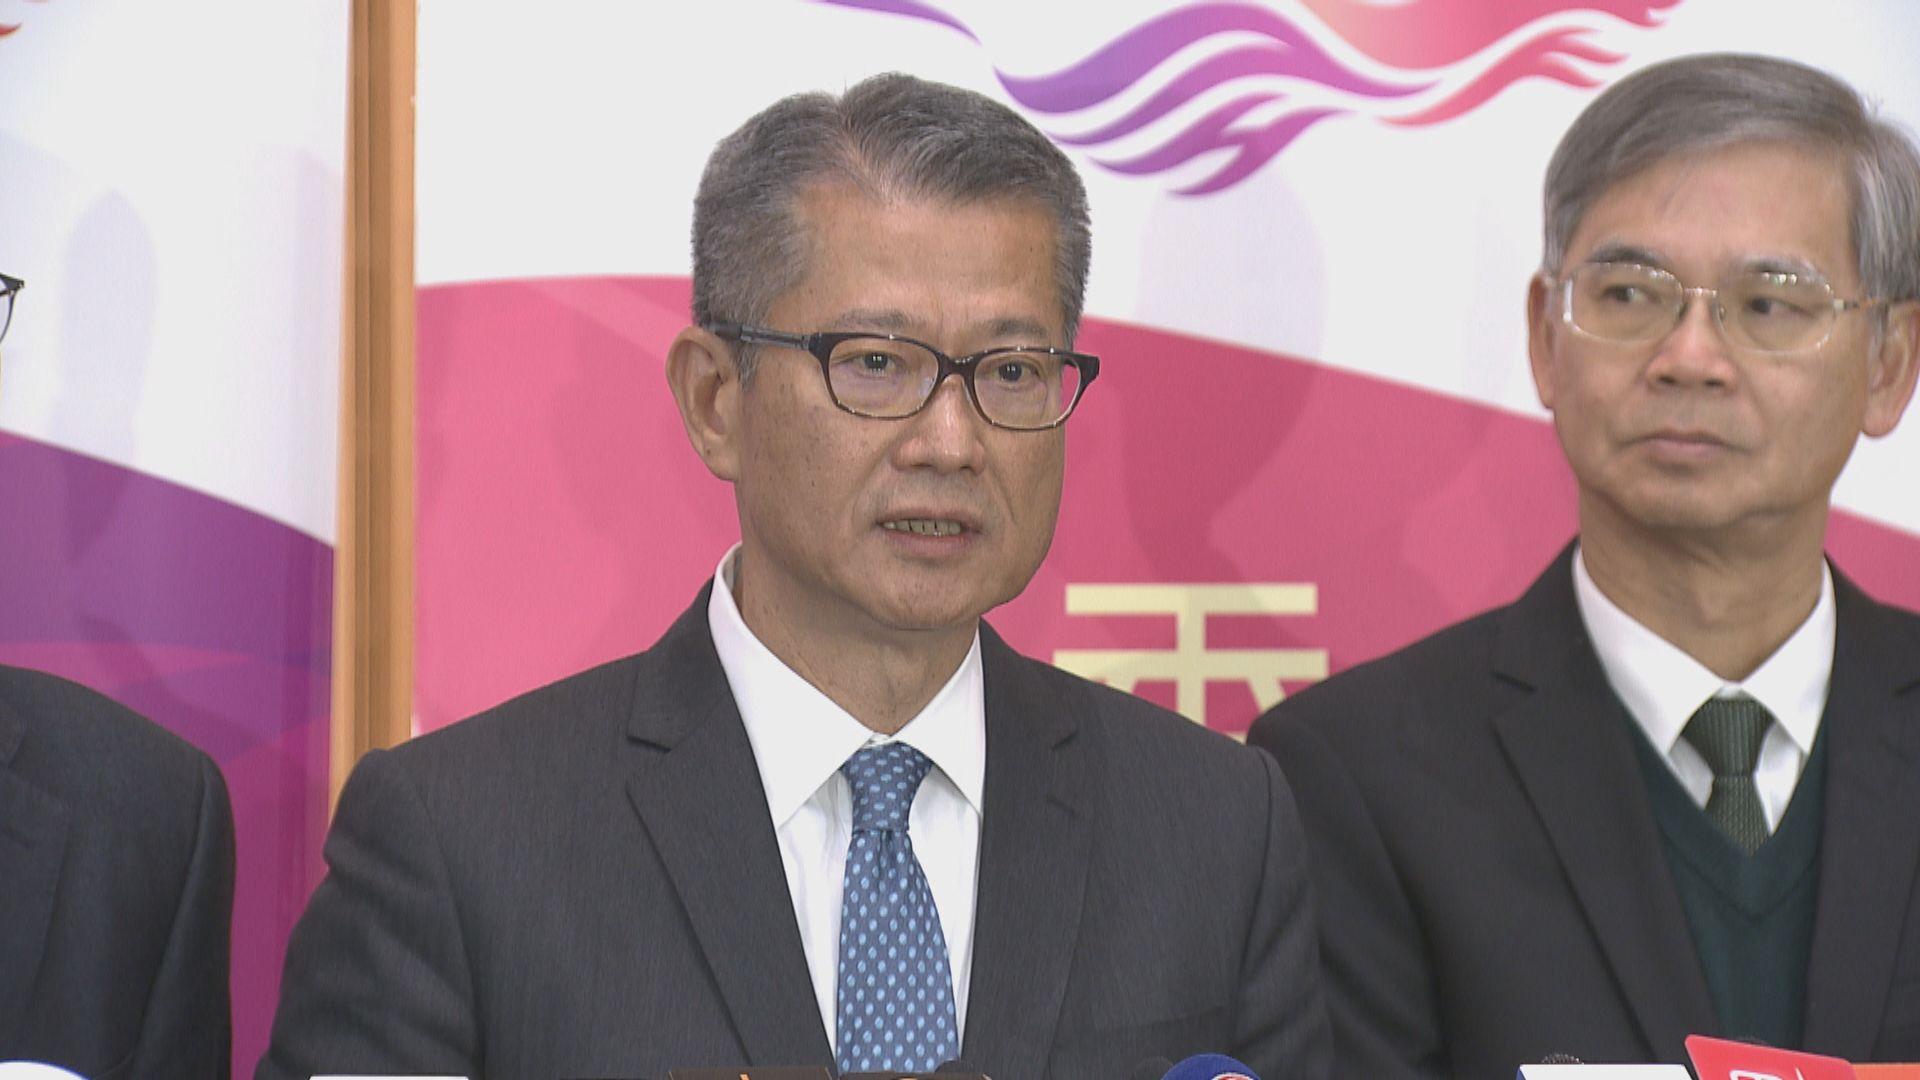 陳茂波:社會事件未平息 有需要擴大紓困措施